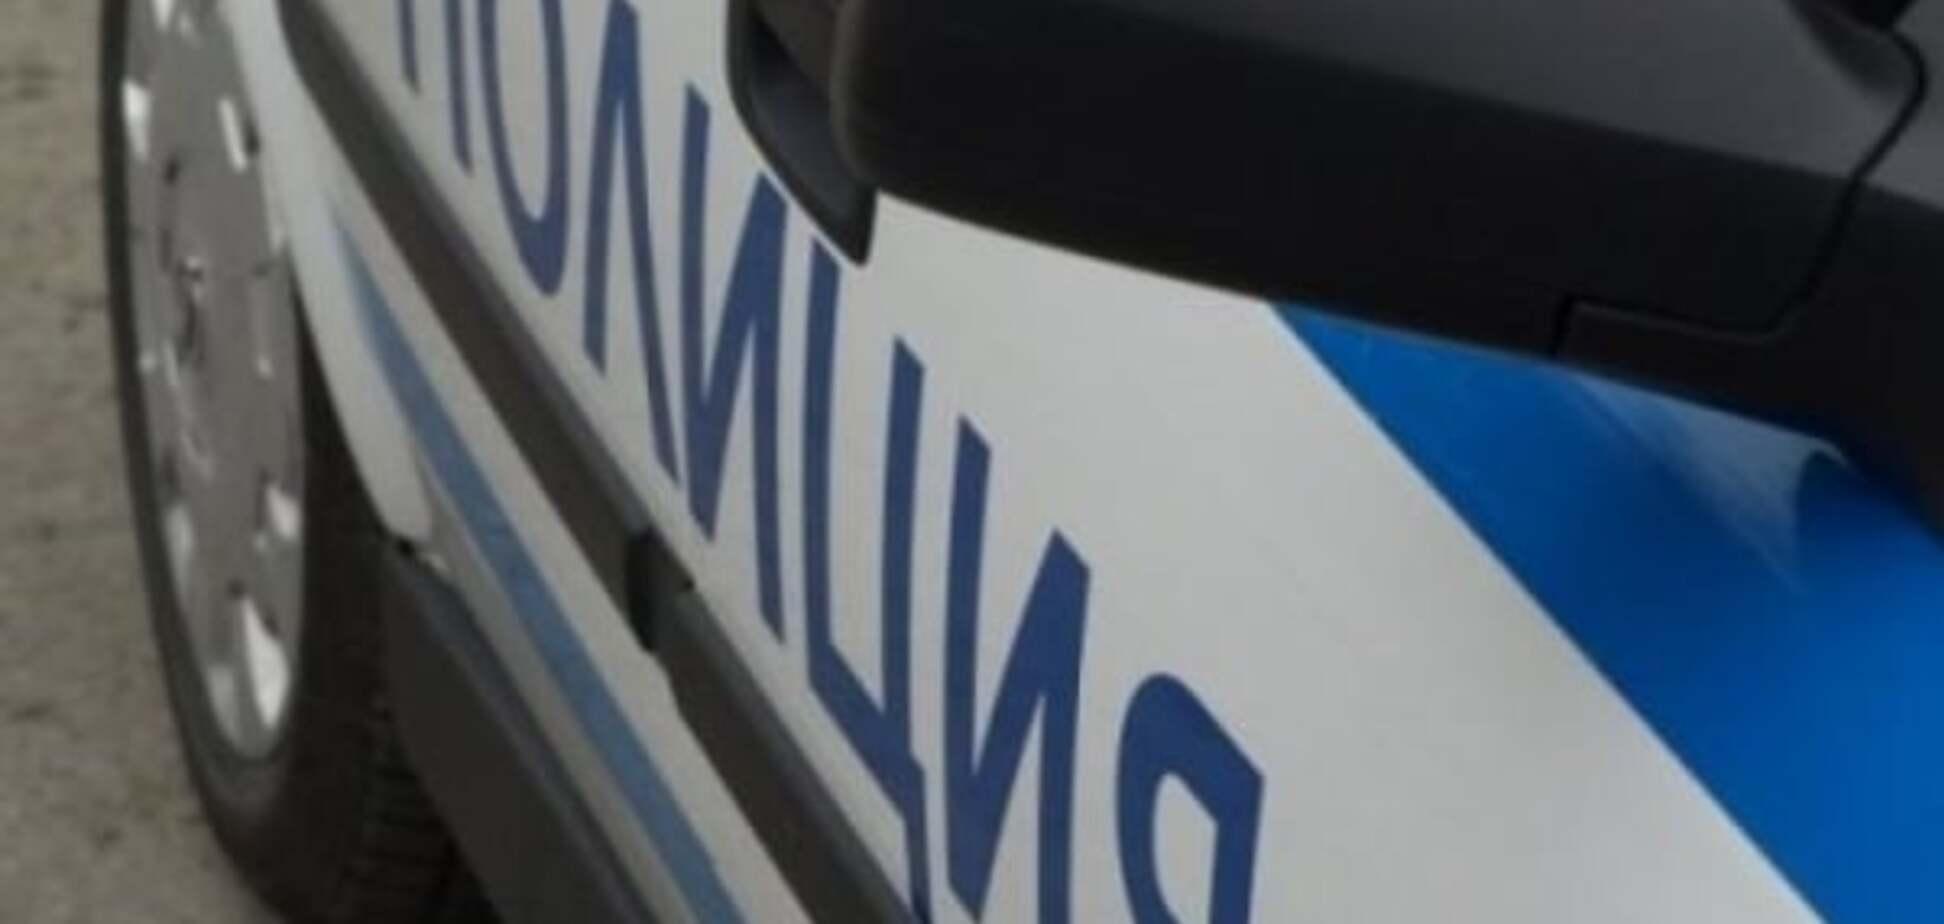 Служба и опасна, и трудна: в Питере полиция защитила мужчину от фаллоимитатора